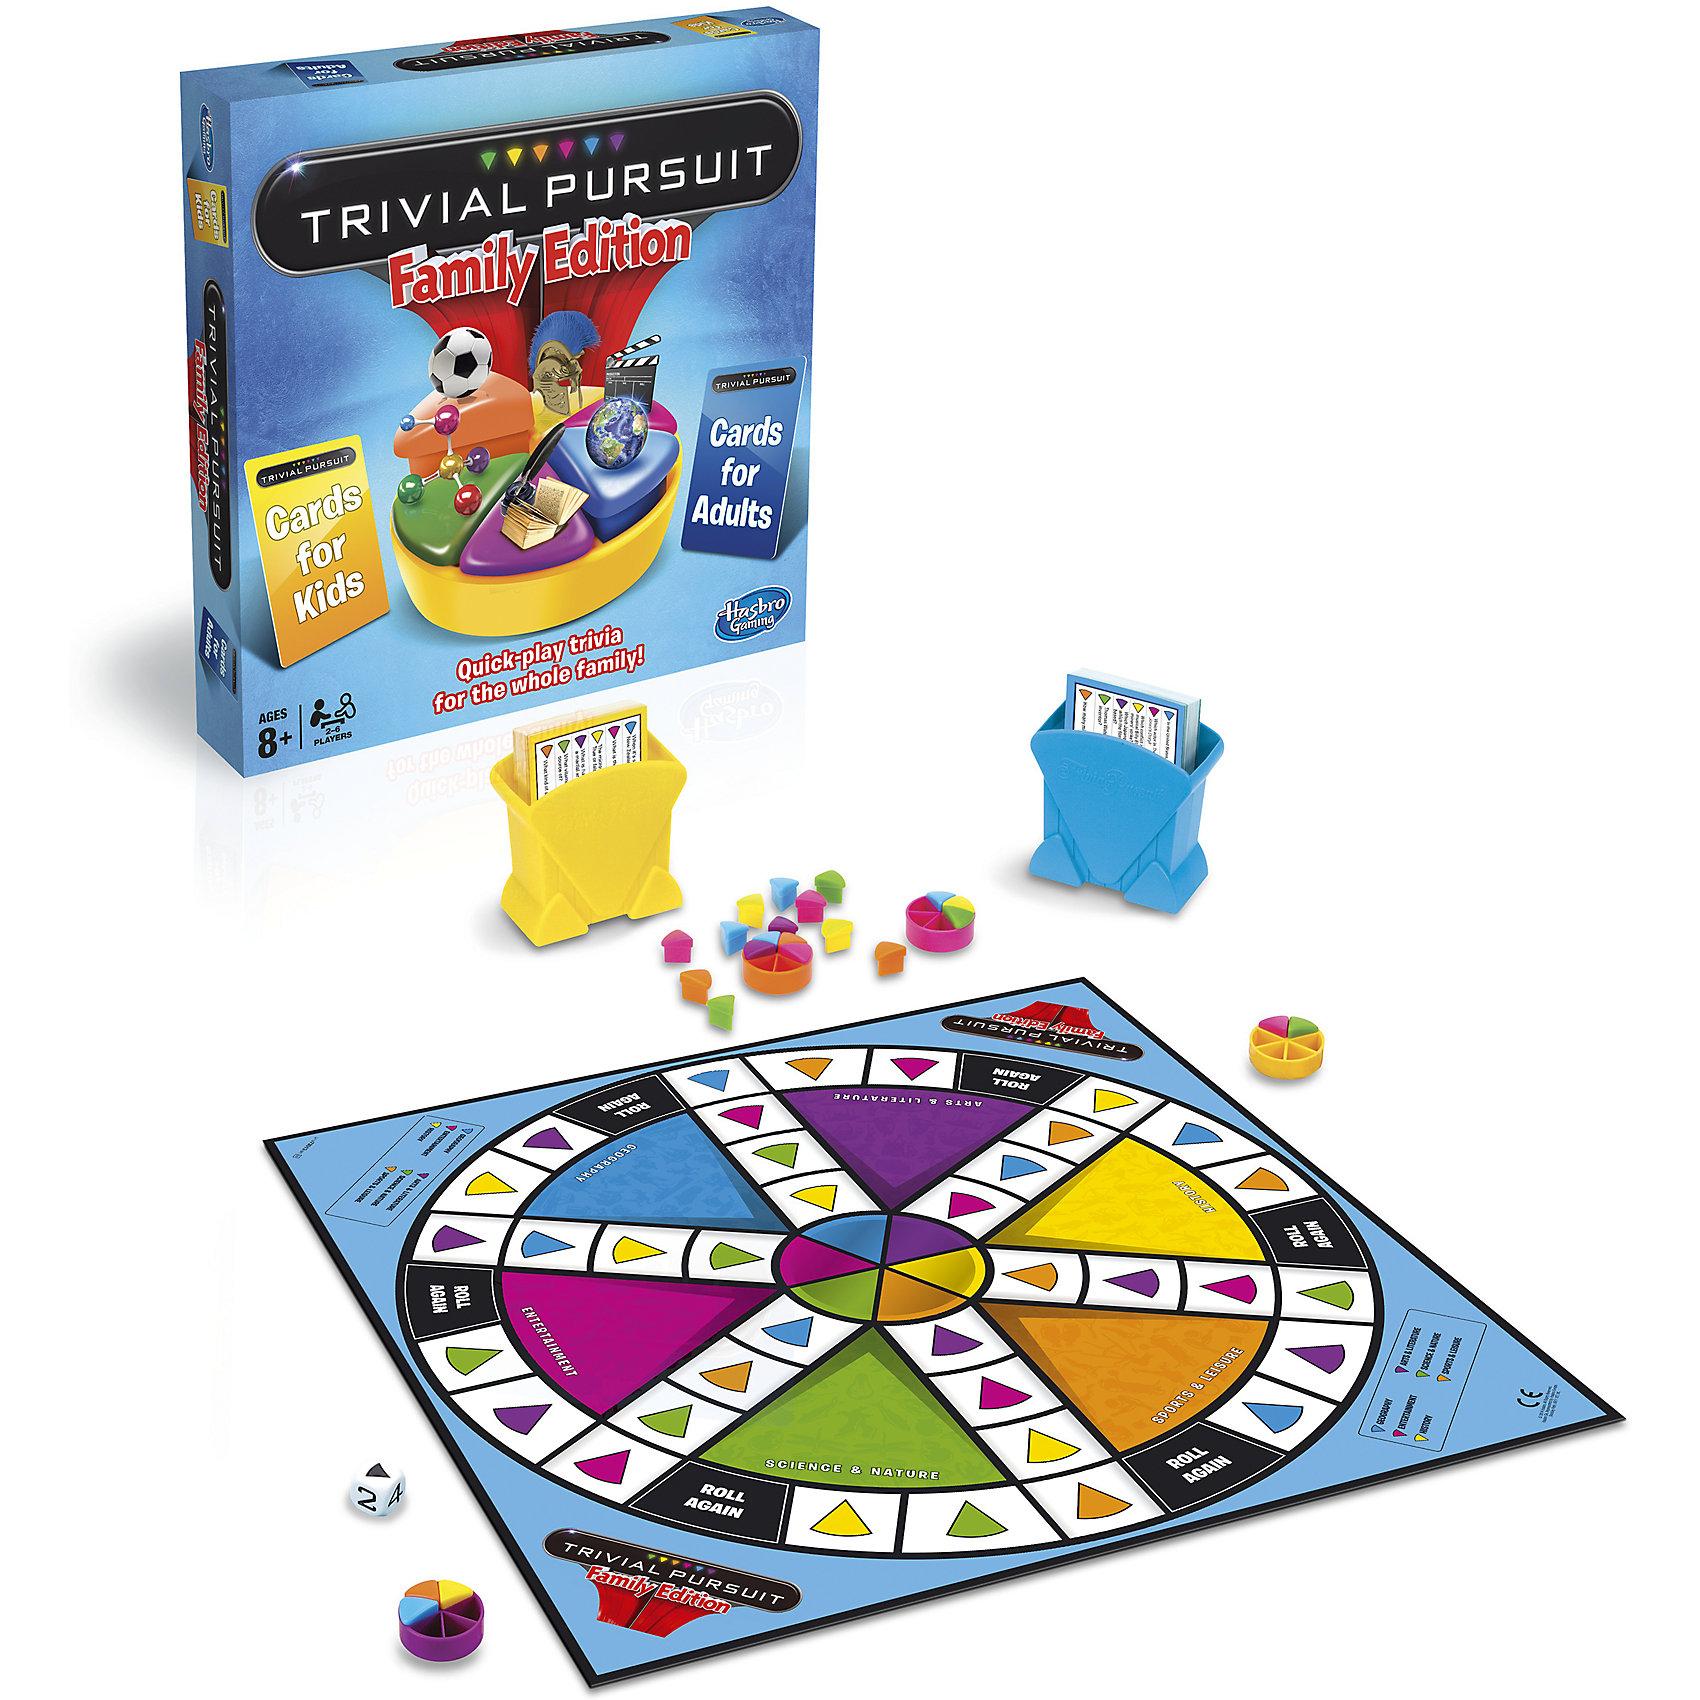 Hasbro Семейная игра Тривиал Персьюит, Hasbro hasbro gaming настольная игра тривиал персьюит семейное издание hasbro gaming